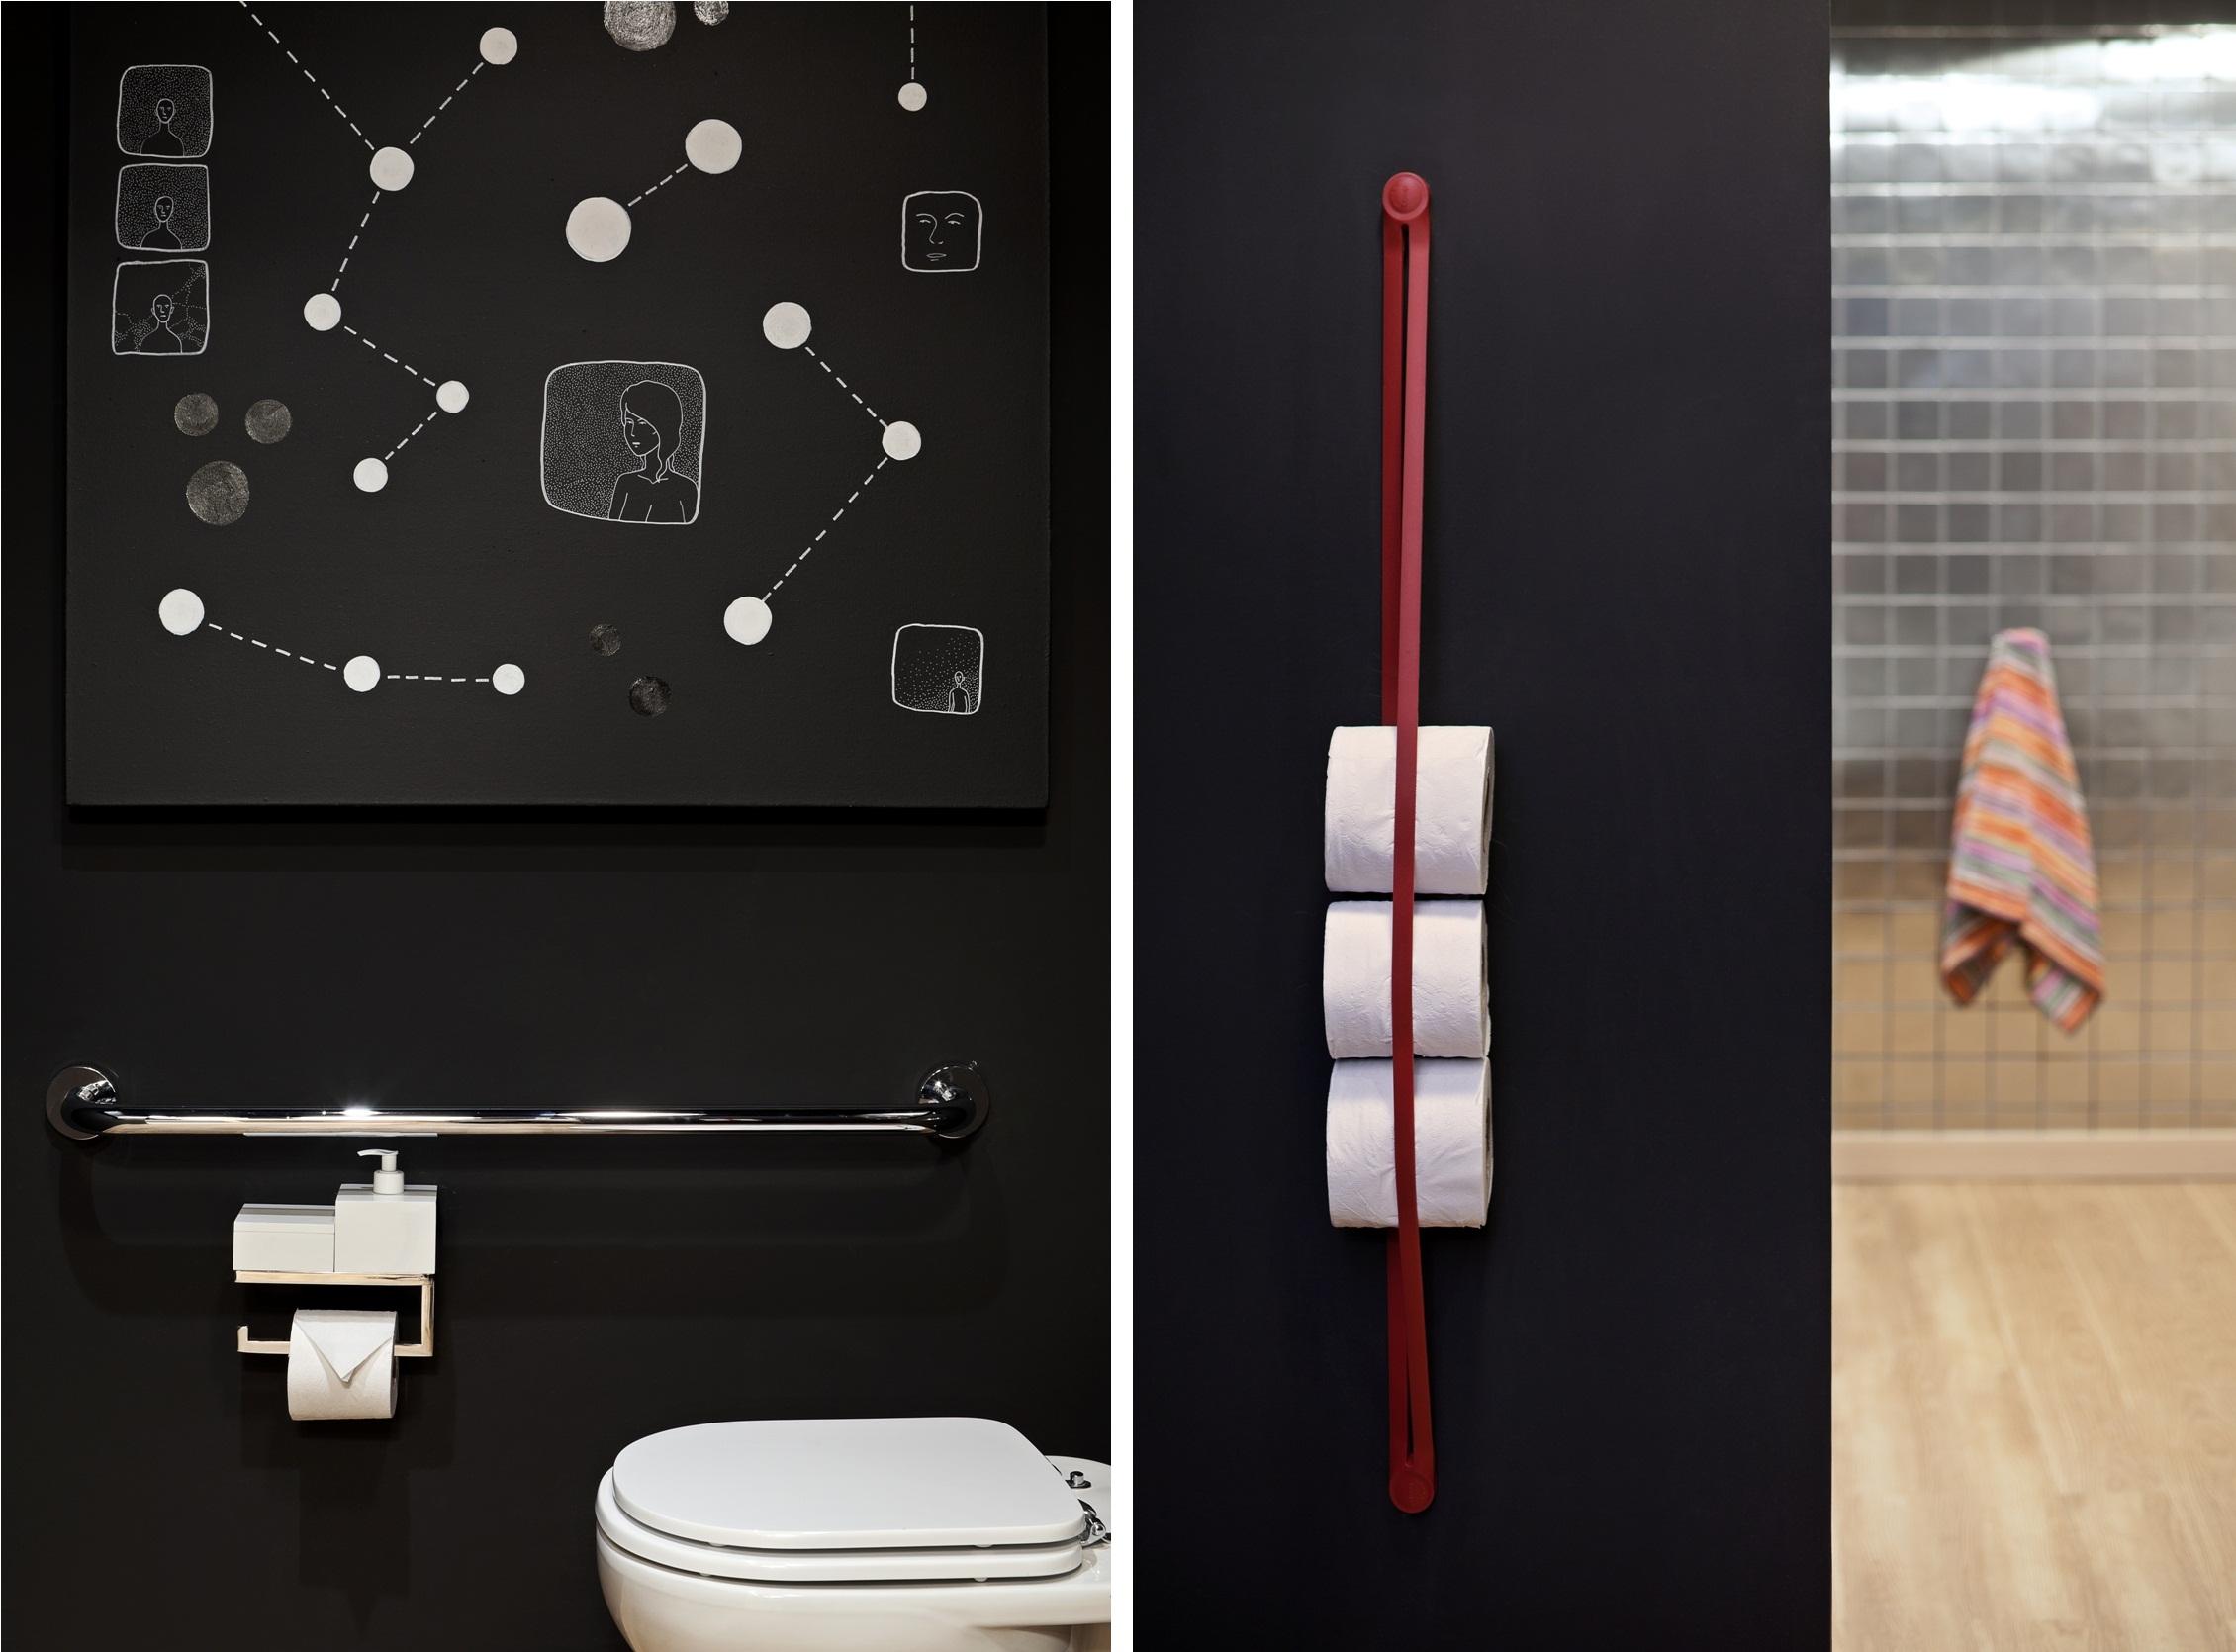 Acessibilidade e espaços adaptados Design Culture #9C512F 2260x1670 Adaptação De Banheiro Para Cadeirante